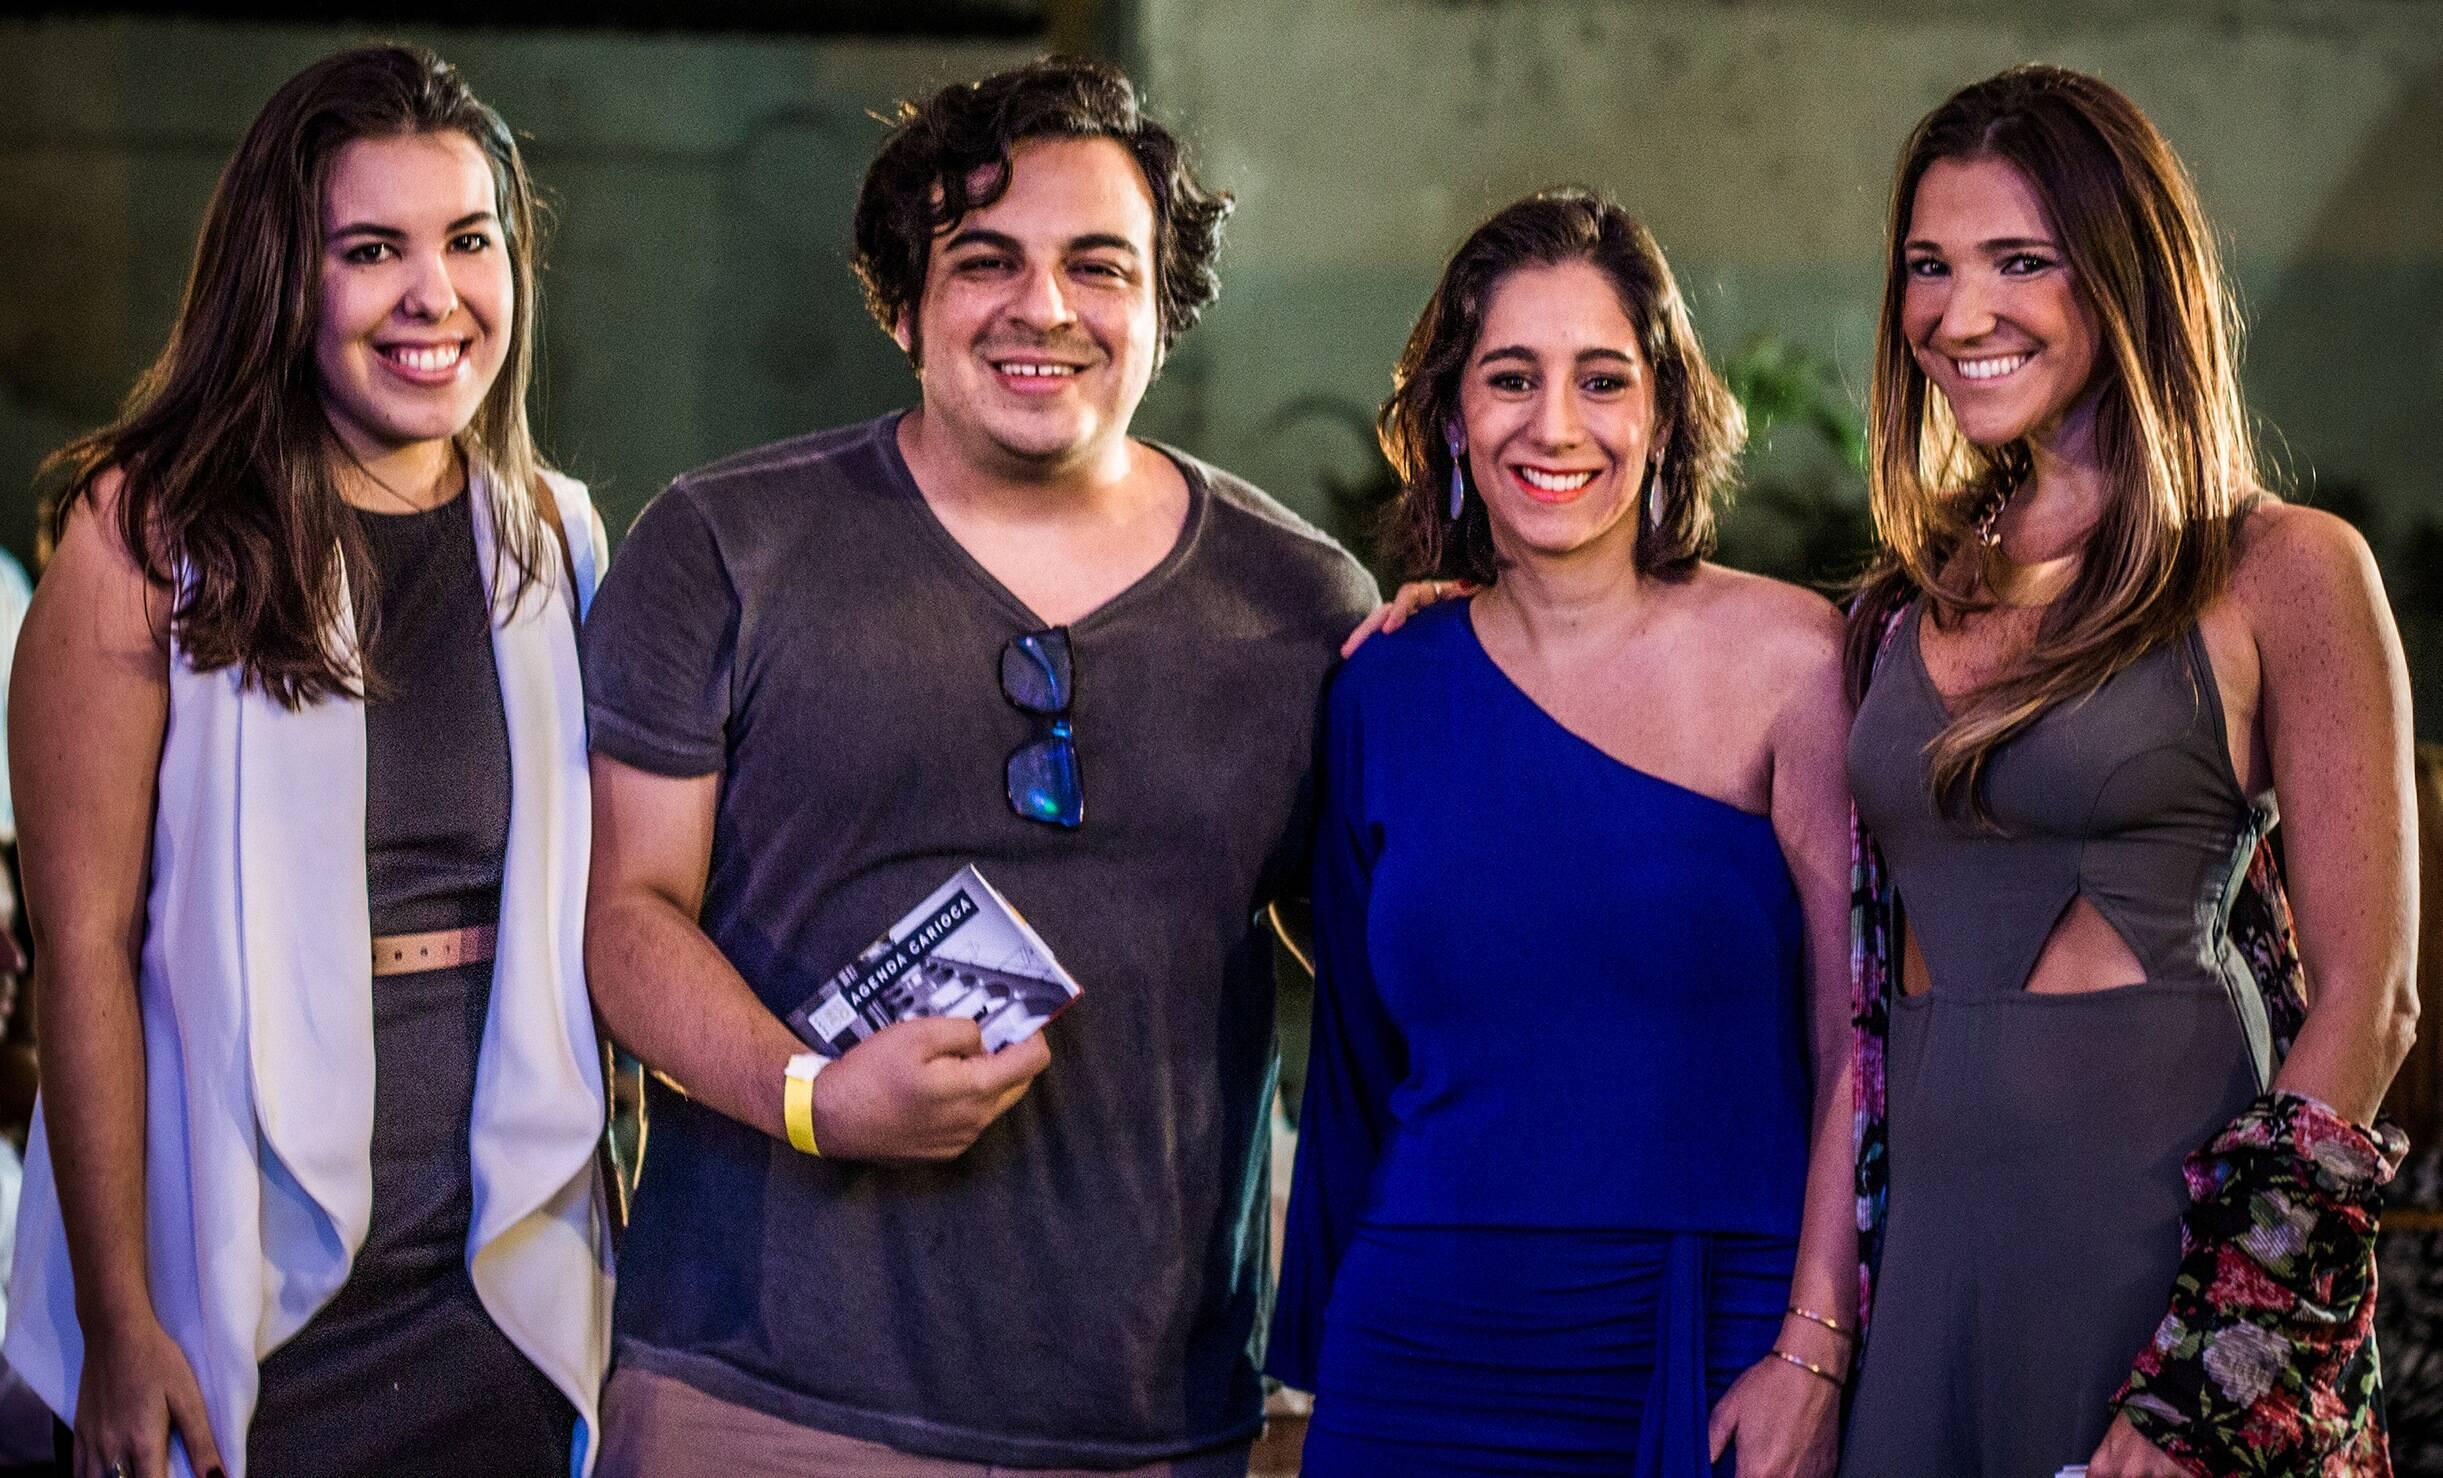 Mariana Broitman, o ator e morador da Lapa Luiz Lobianco, Antonia Leite Barbosa e a diretora de marketing da Gafisa, Roberta Faria / Foto: